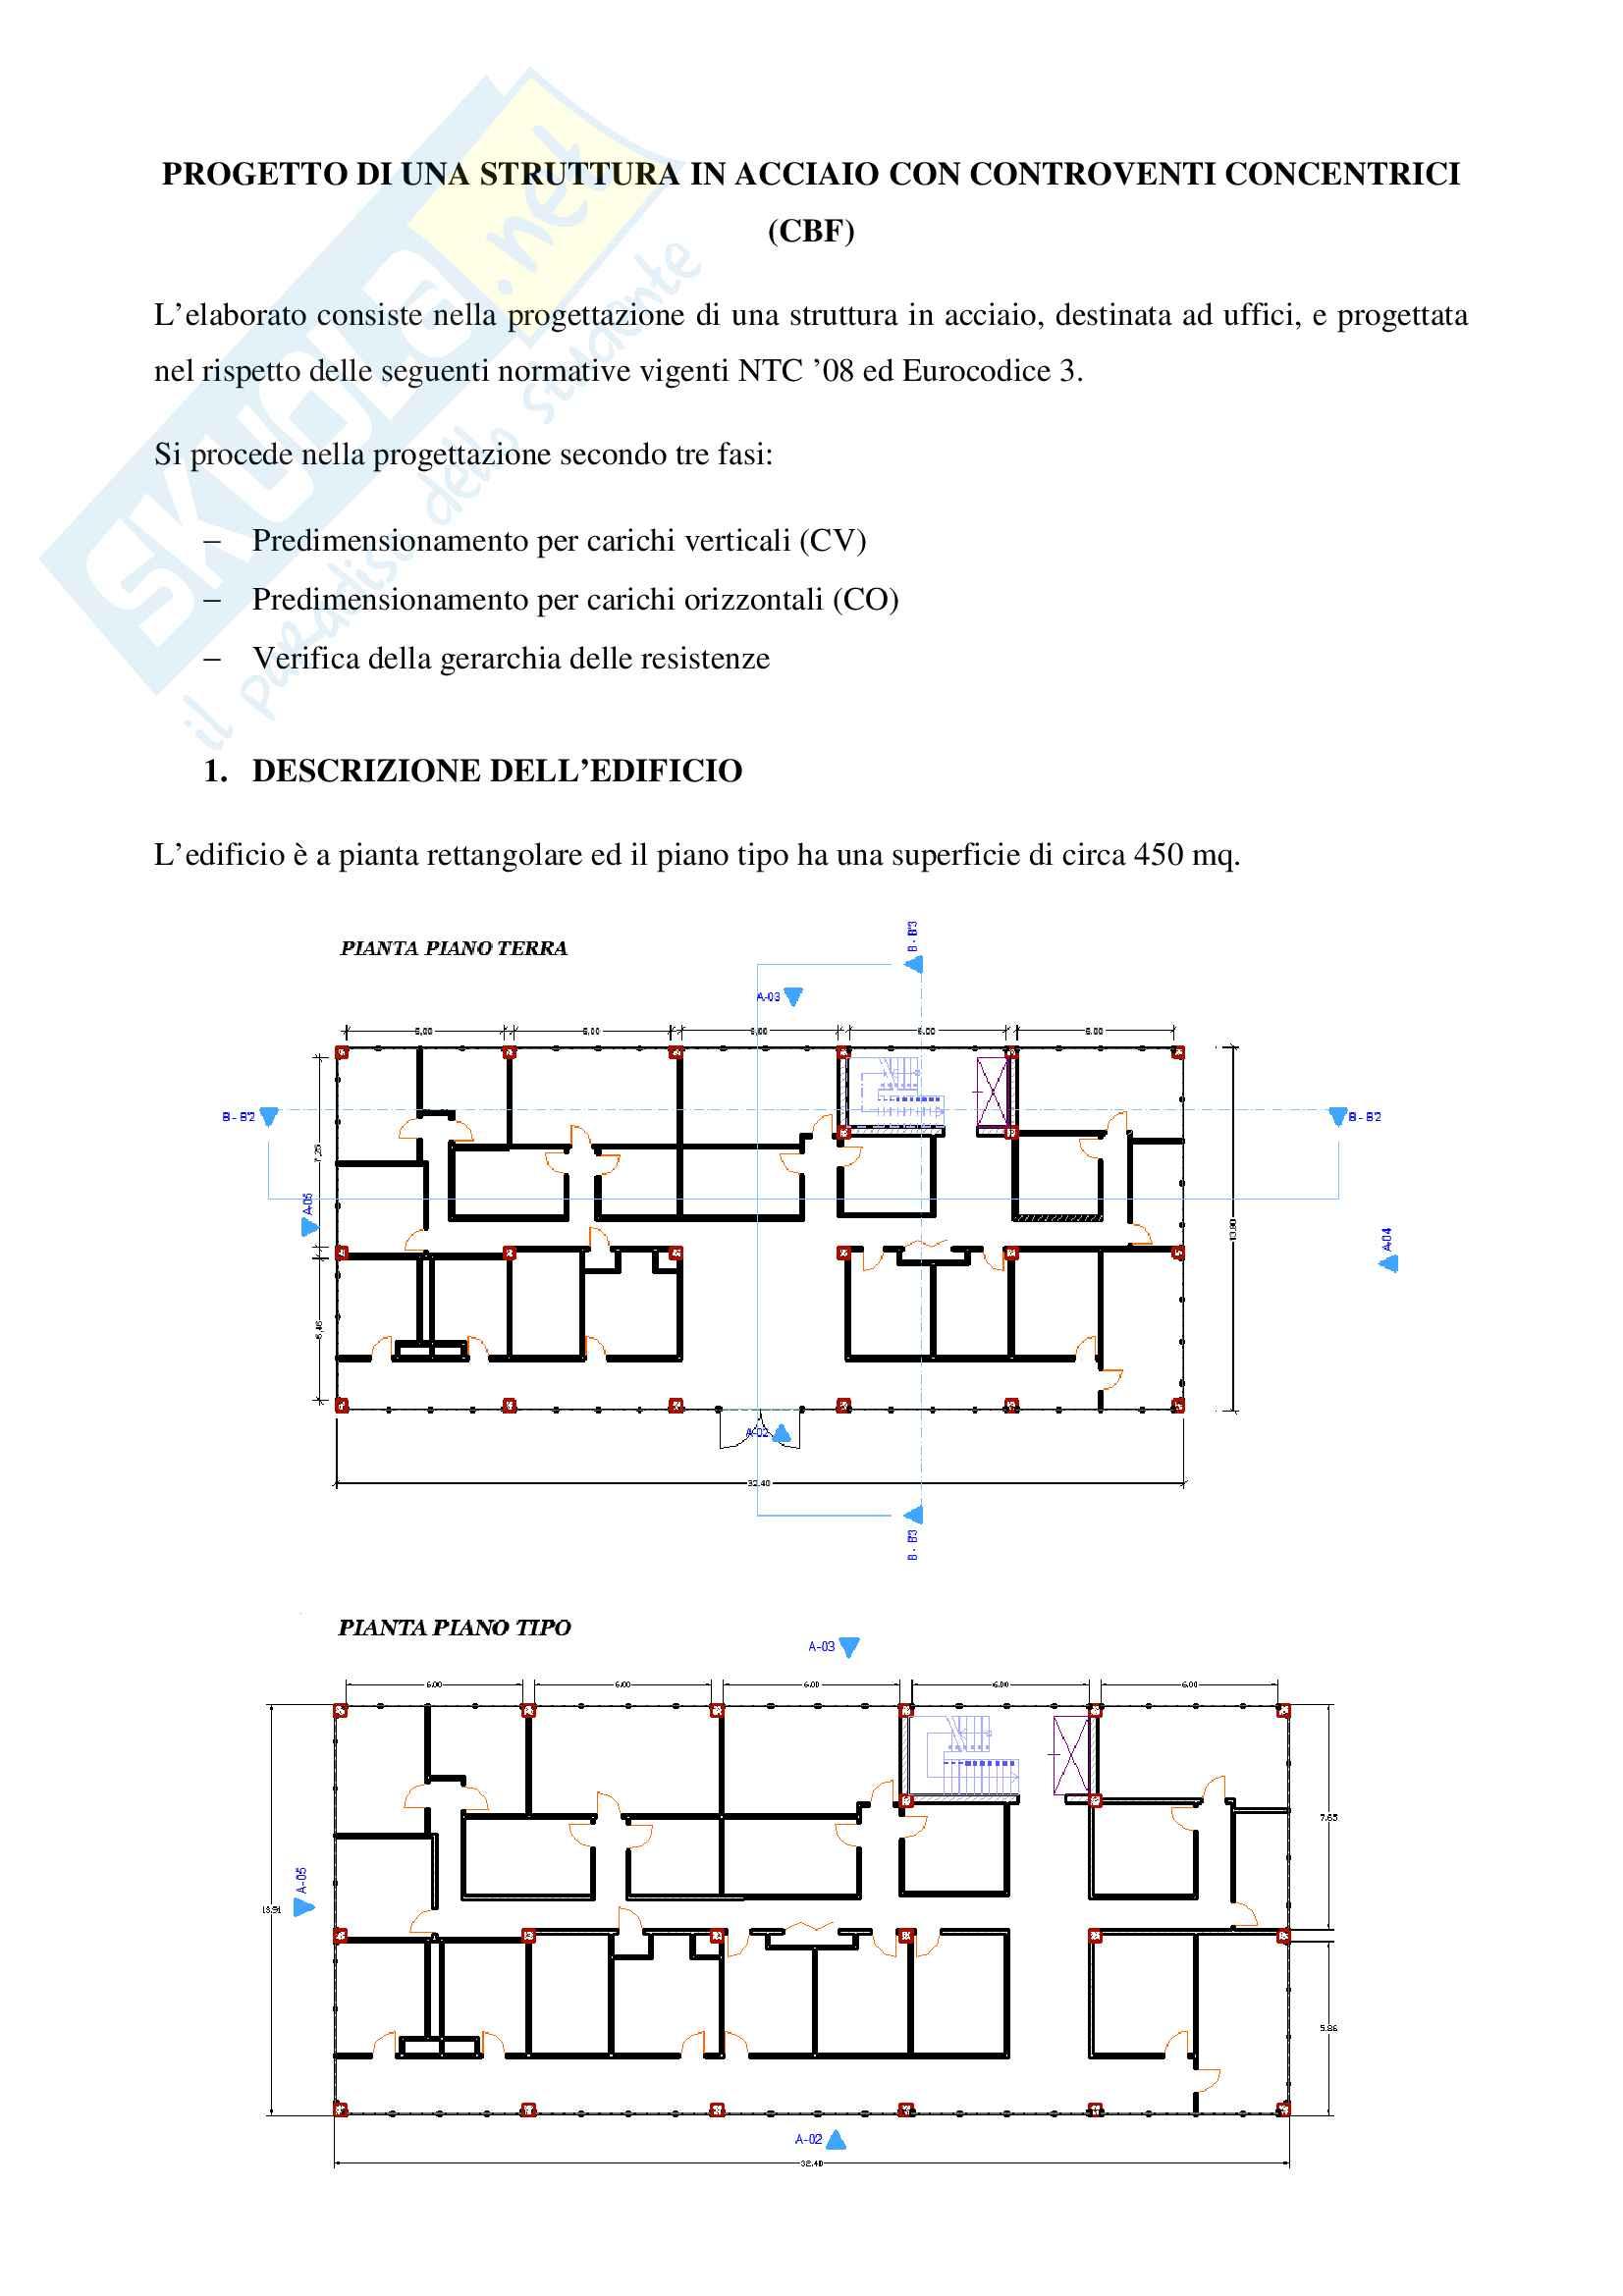 Progetto di una struttura in acciaio con controventi concentrici (CBF)